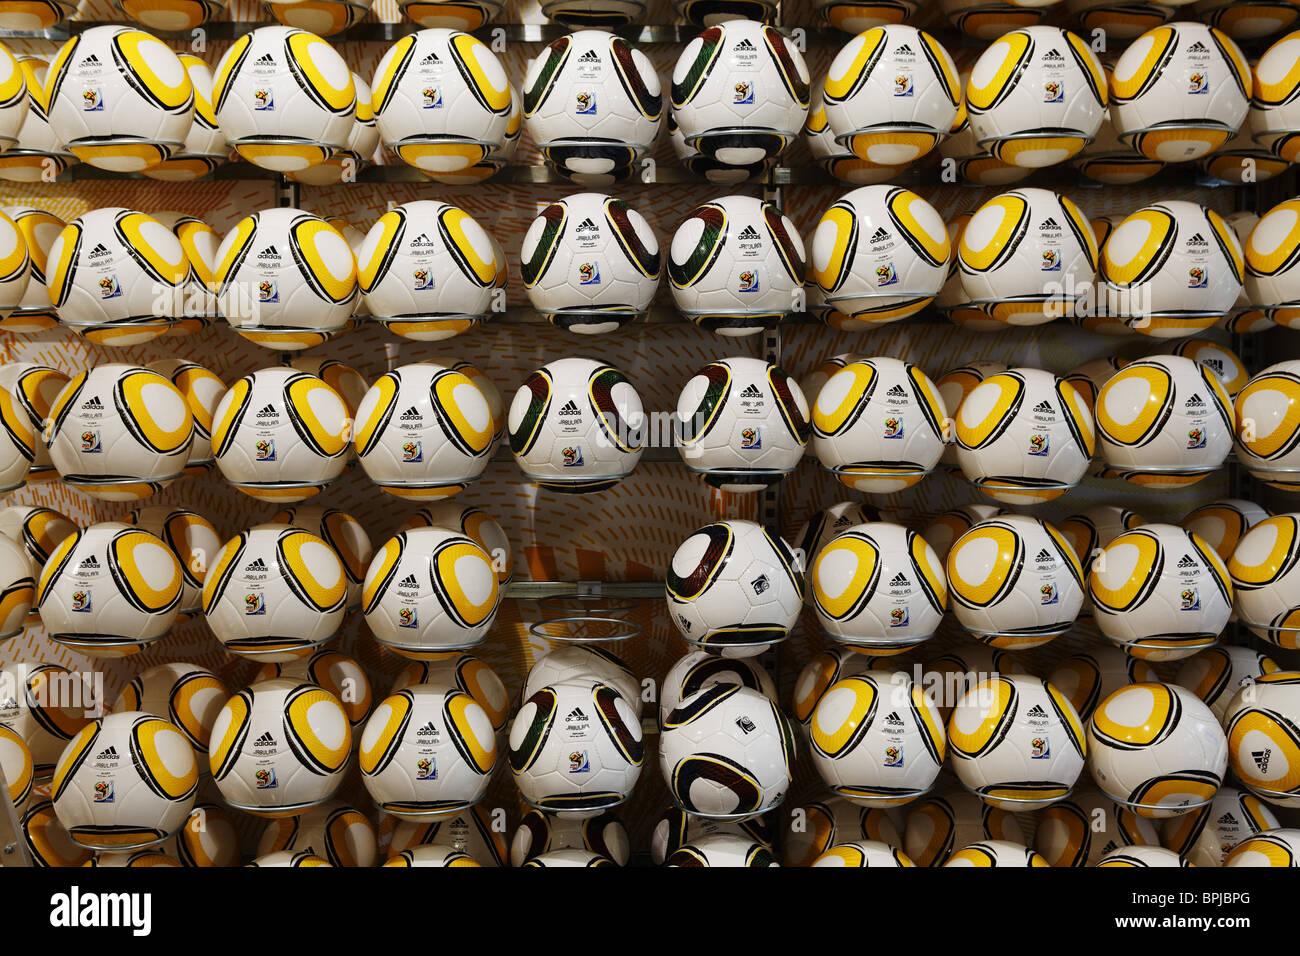 Affichage des ballons dans un magasin de sport, un élément manquant, la FIFA Coupe du Monde, Le Cap, Western Cape, RSA, Afrique du Sud, l'Afrique Banque D'Images